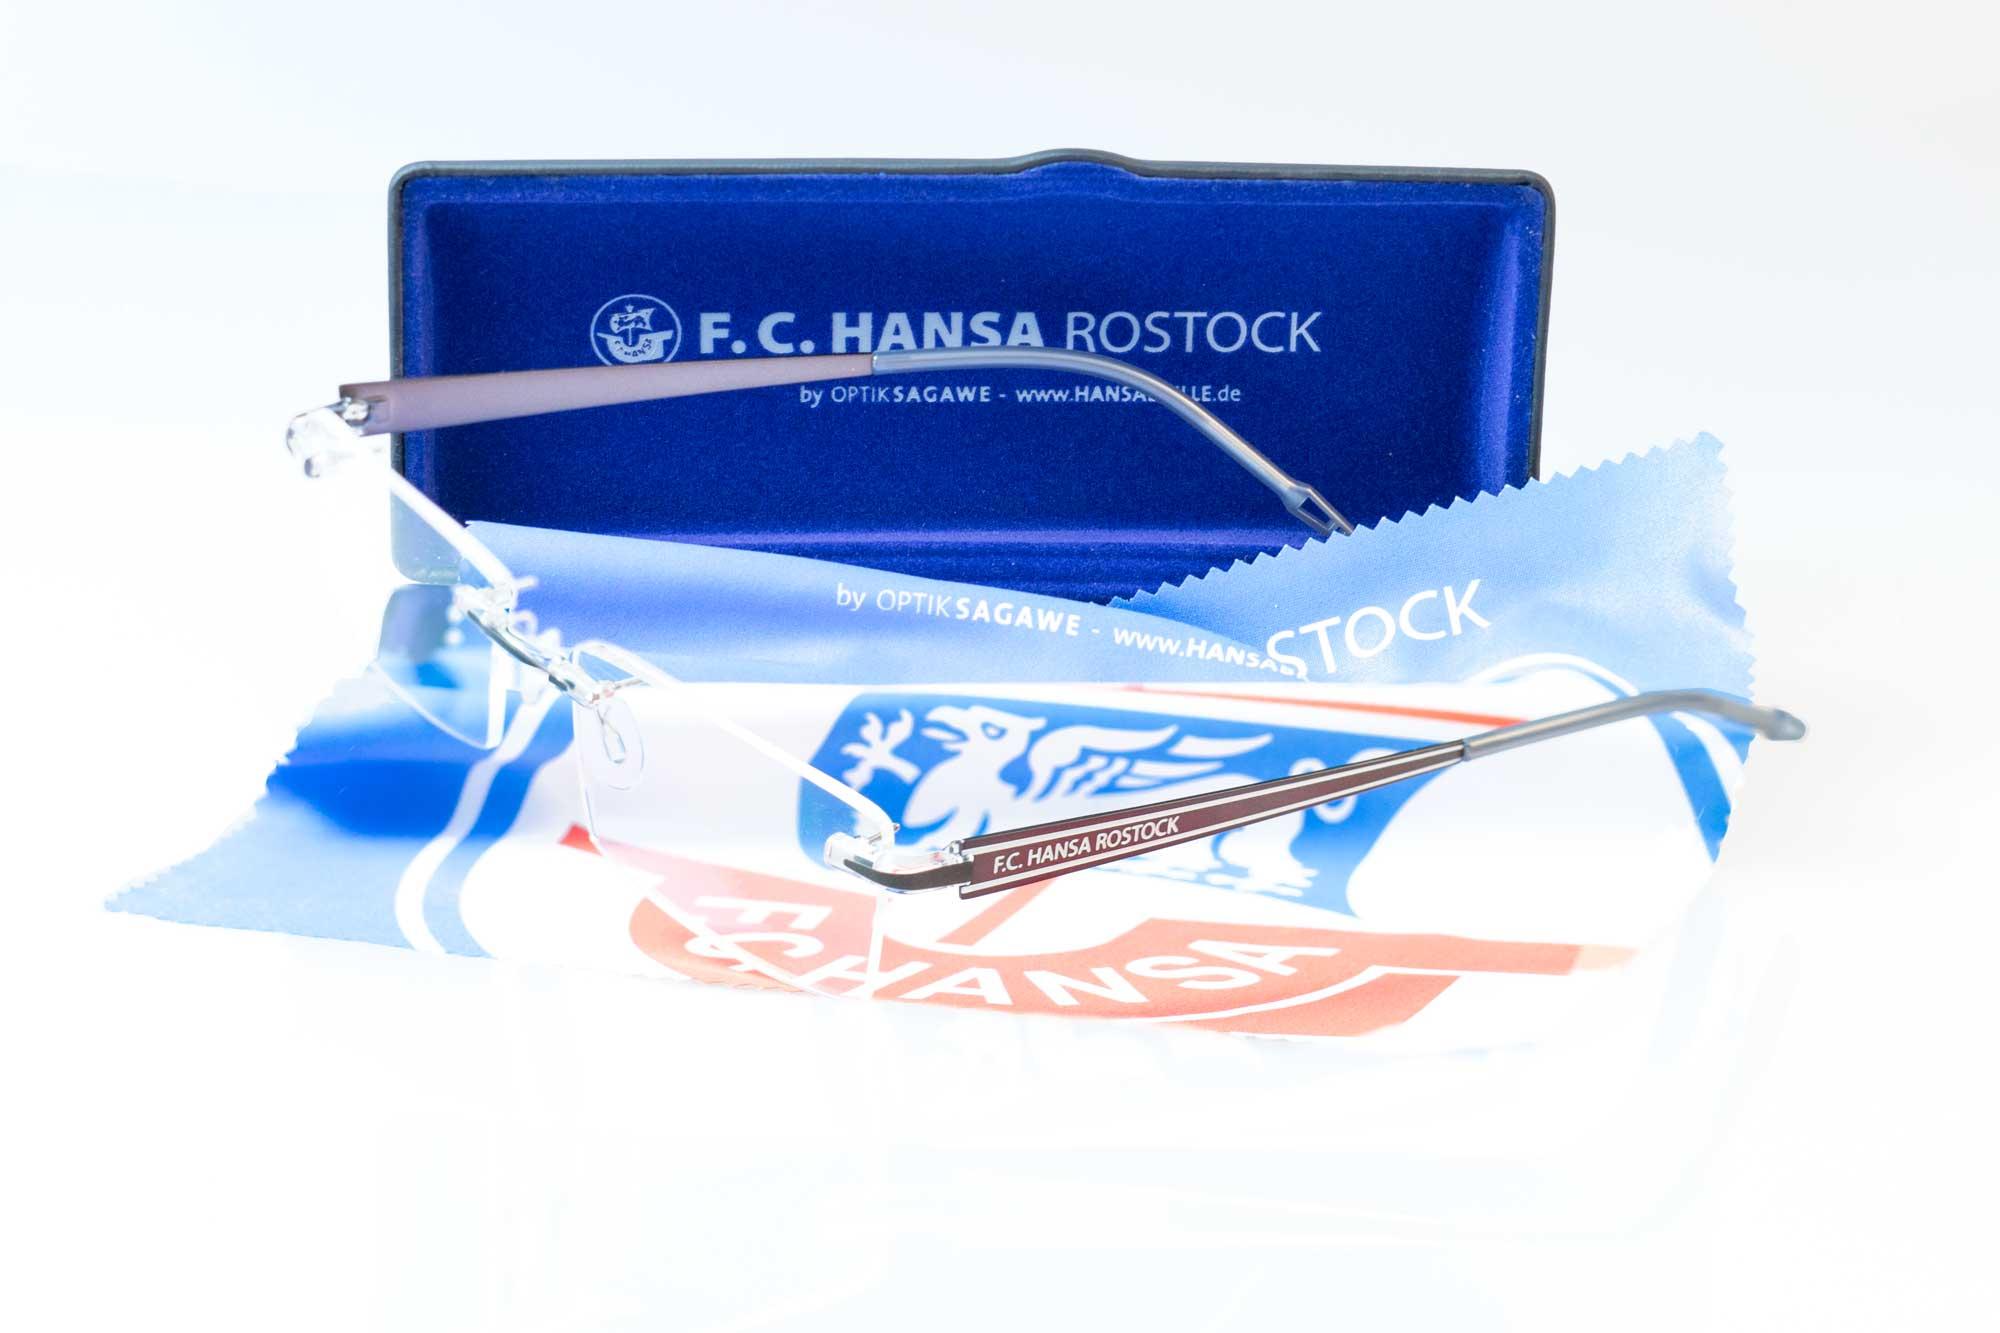 Die offizielle F.C. Hansa Rostock Brille - Switch it Garnitur Business von Optik Sagawe im Komplett-Bundle.